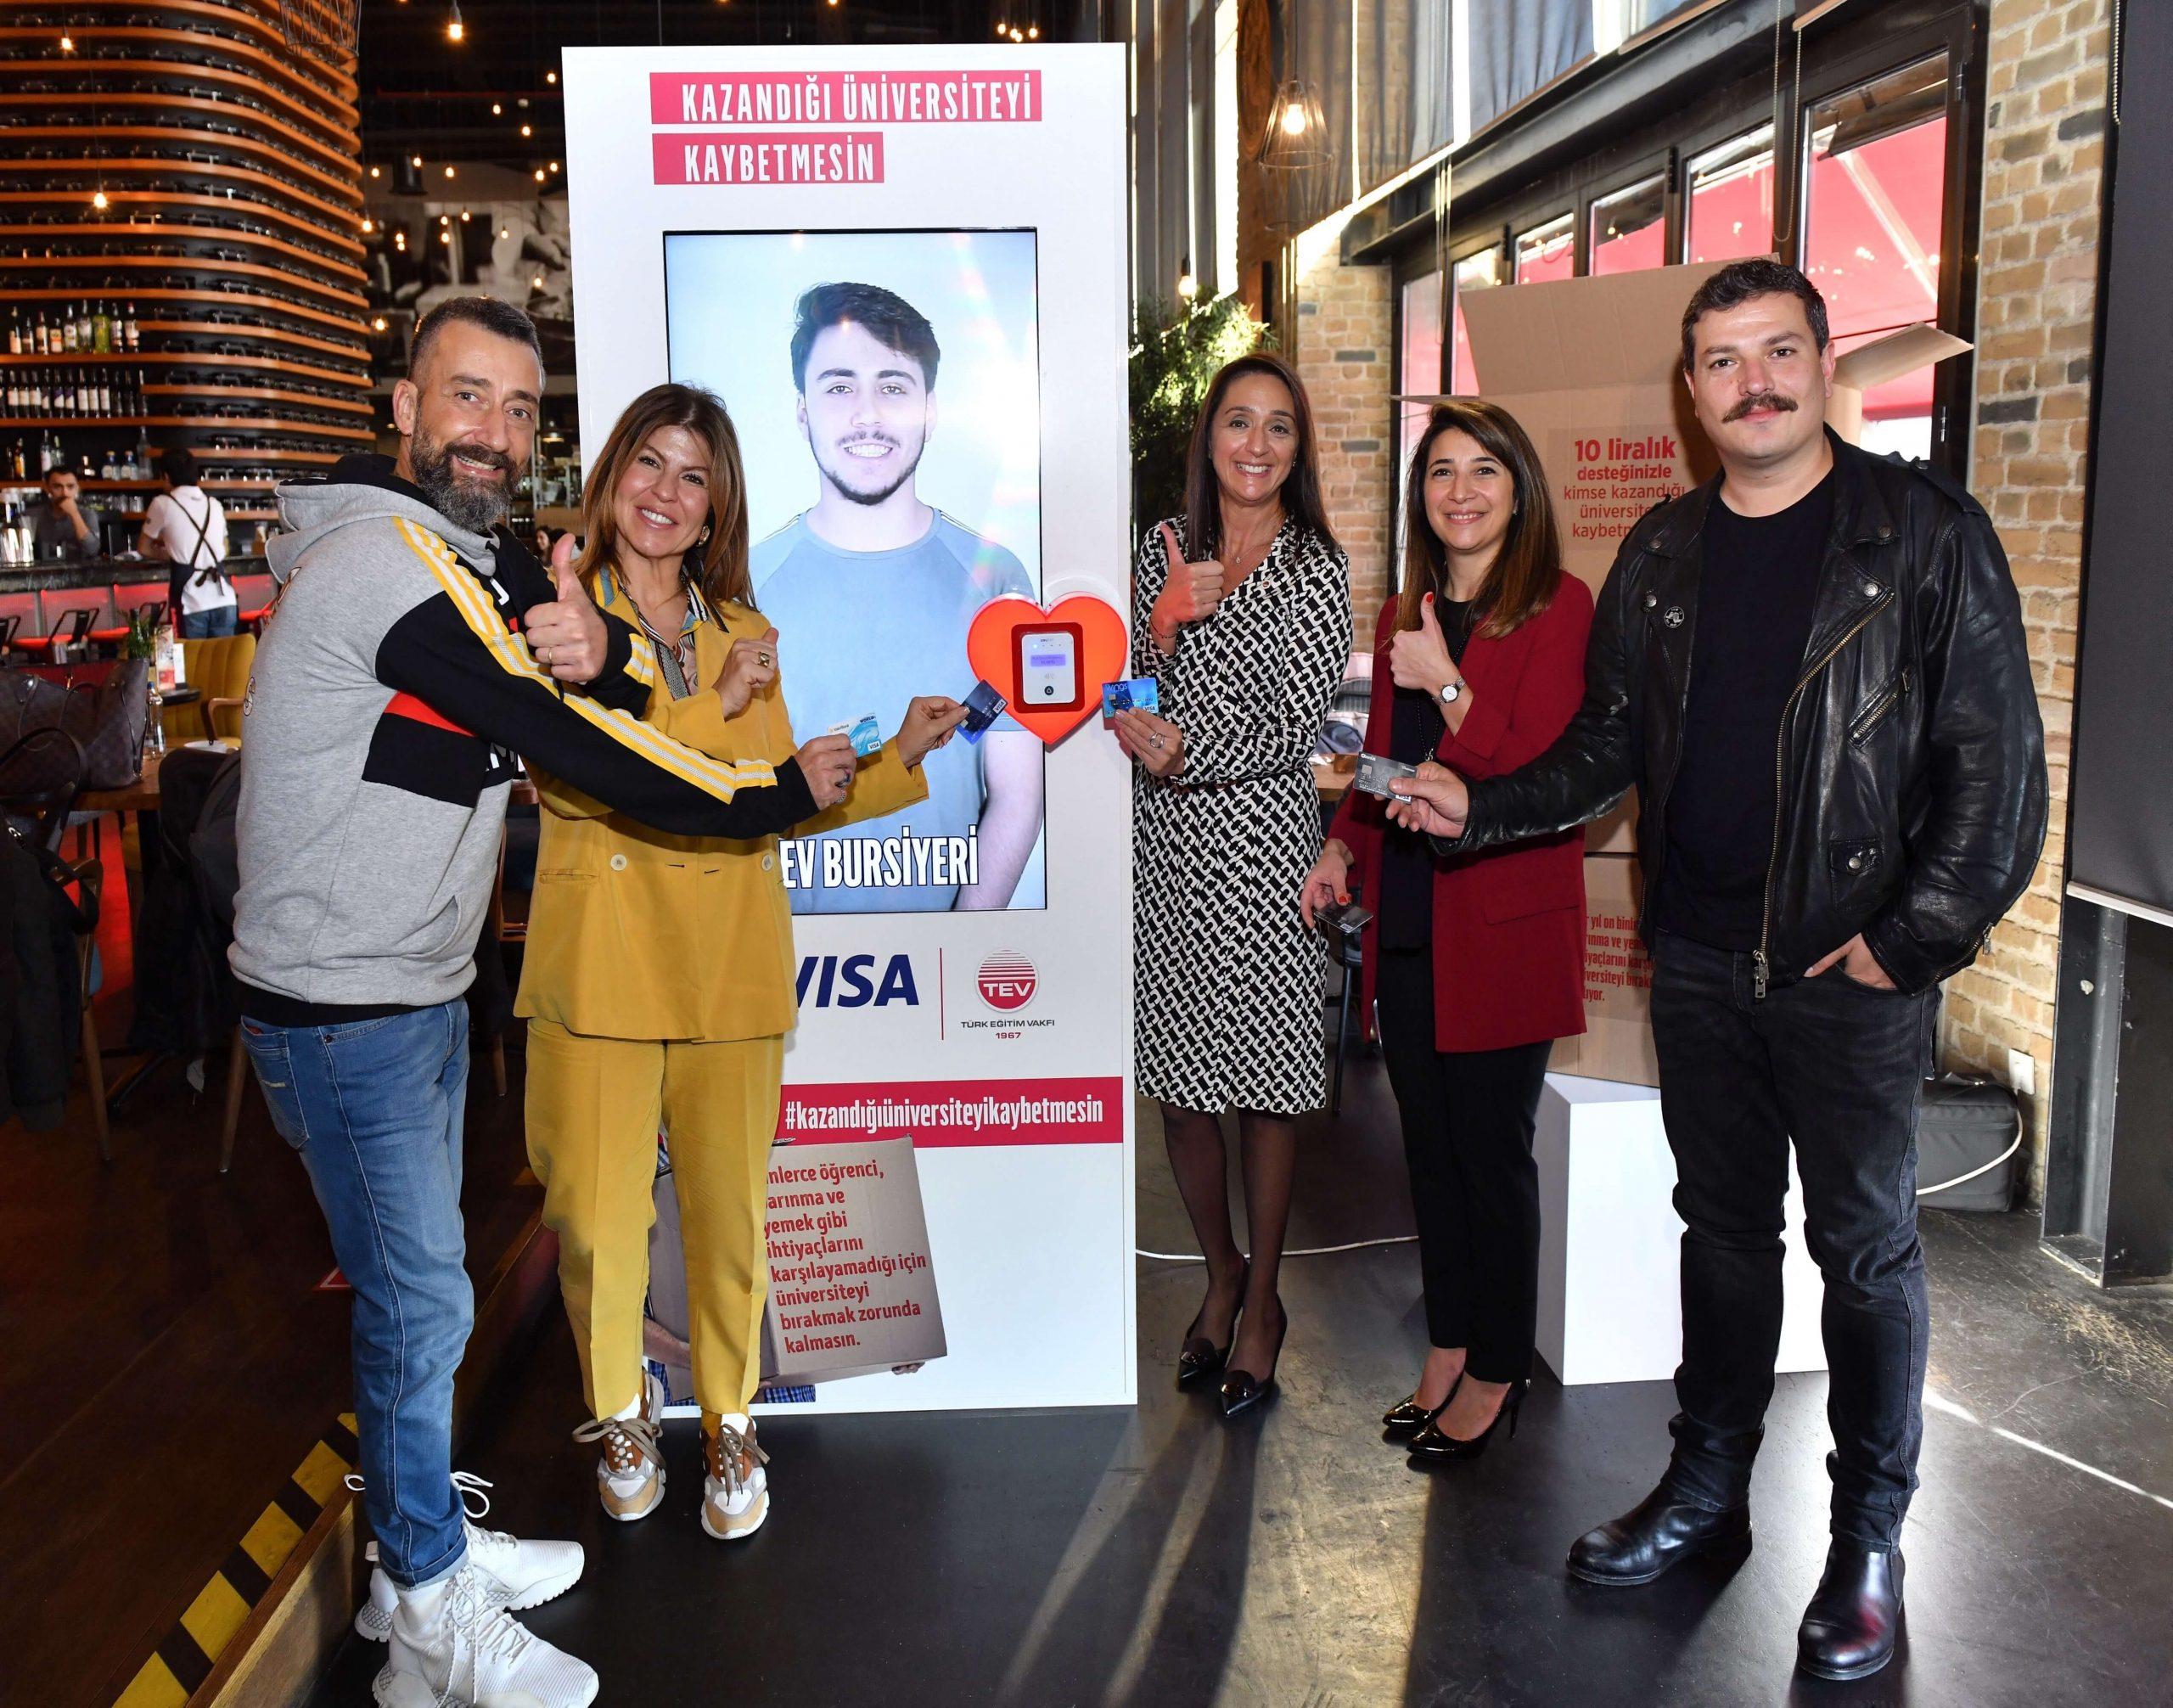 """Türk Eğitim Vakfı ve Visa, Gençler """"Kazandığı Üniversiteyi Kaybetmesin"""" Diye İş Birliği Yapıyor"""